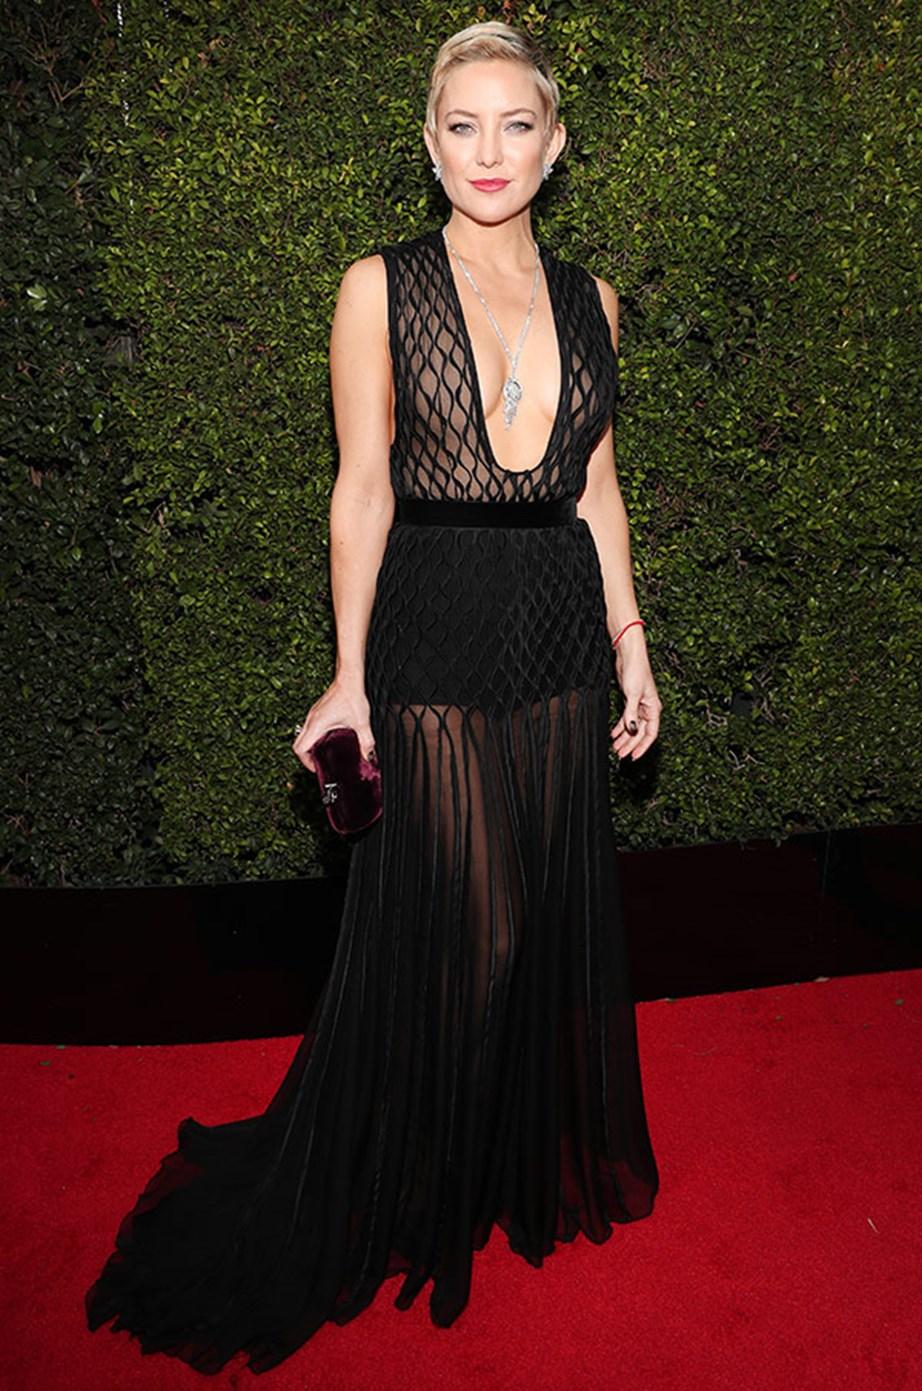 Like Eva, Kate Hudson donned all black for the Globes' red carpet.